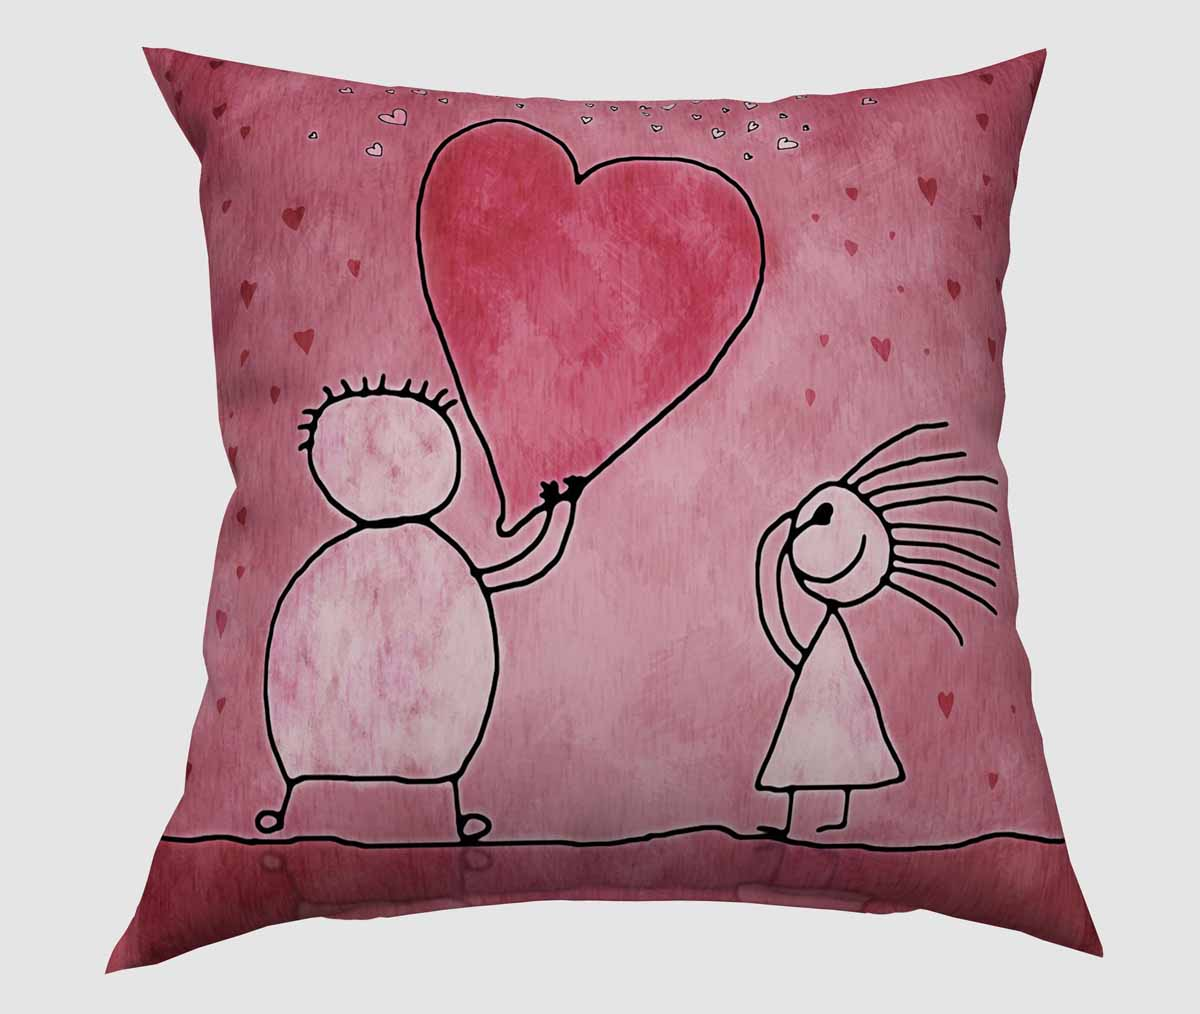 Подушка декоративная Сирень Мое сердце для тебя, 40 х 40 см531-105Декоративная подушка Сирень Мое сердце для тебя, изготовленная из габардина (100% полиэстер), прекрасно дополнит интерьер спальни или гостиной. Подушка оформлена красочным изображением. Внутри - мягкий наполнитель из холлофайбера (100% полиэстер). Красивая подушка создаст атмосферу тепла и уюта в спальне и станет прекрасным элементом декора.